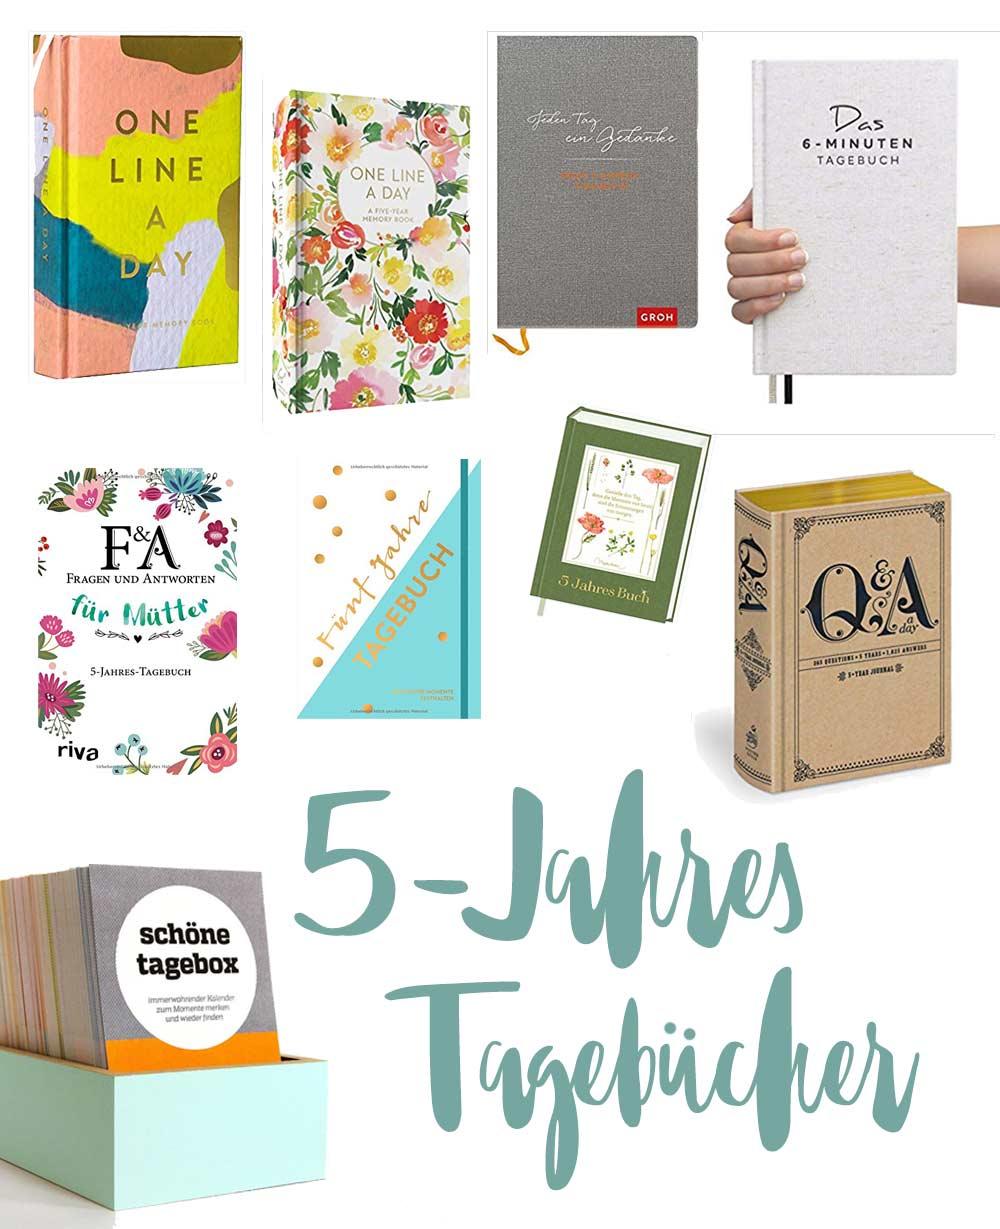 5-Jahres-Bücher - schöne Geschenkidee - One line a day Bücher - Tagebücher ein Satz am Tag